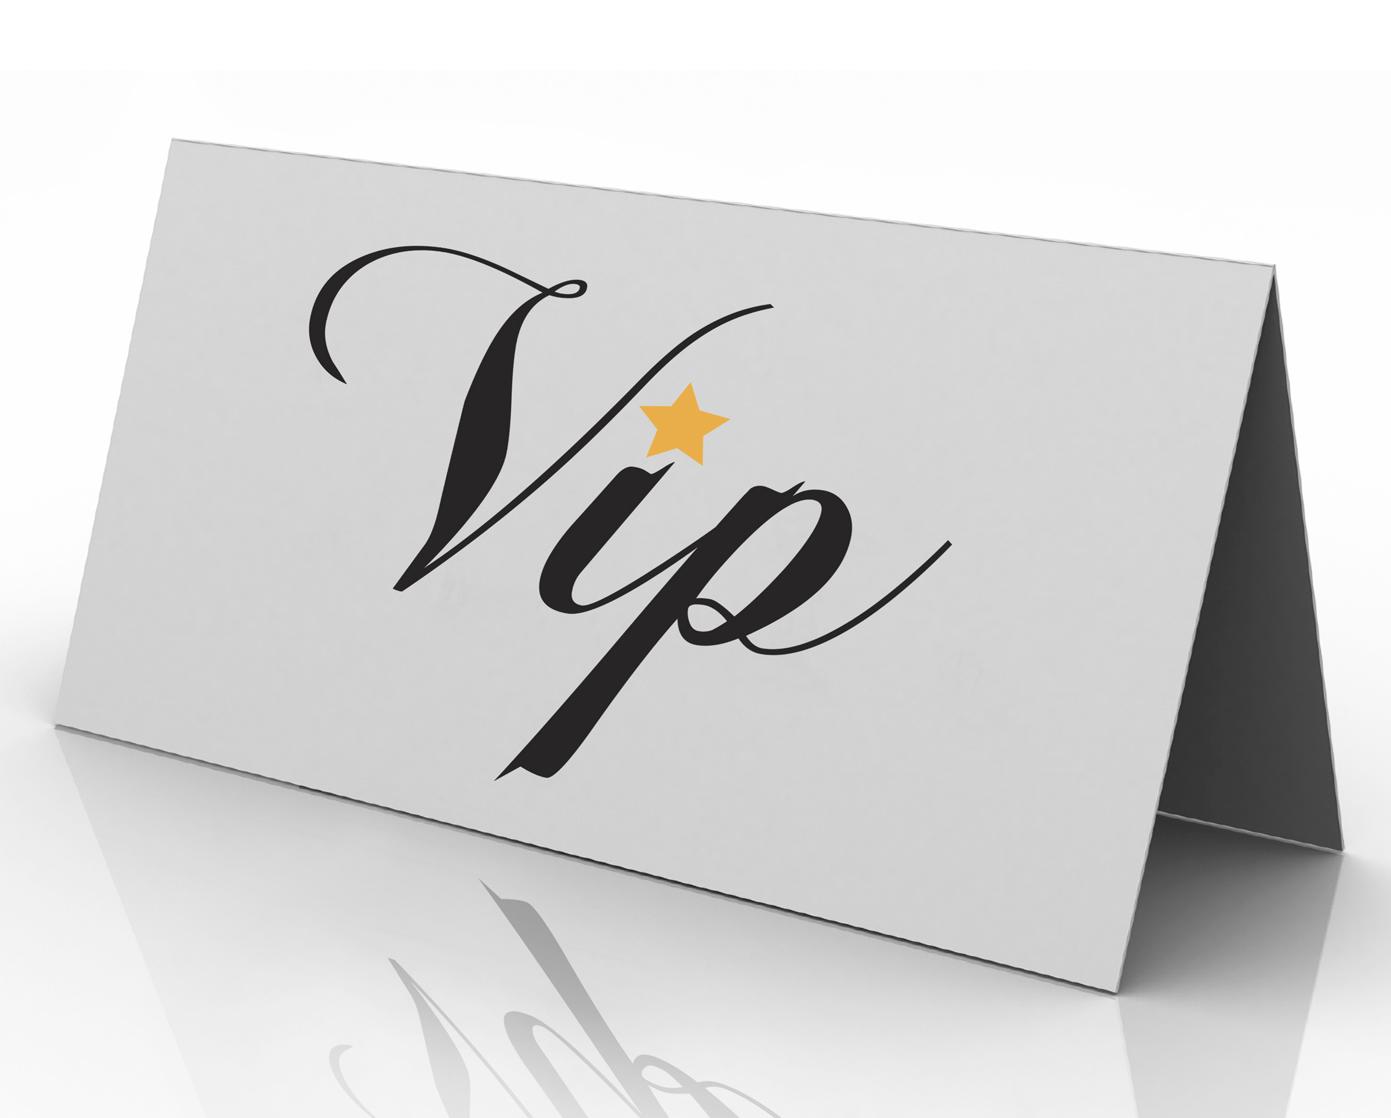 vip-card-1462135577.jpg